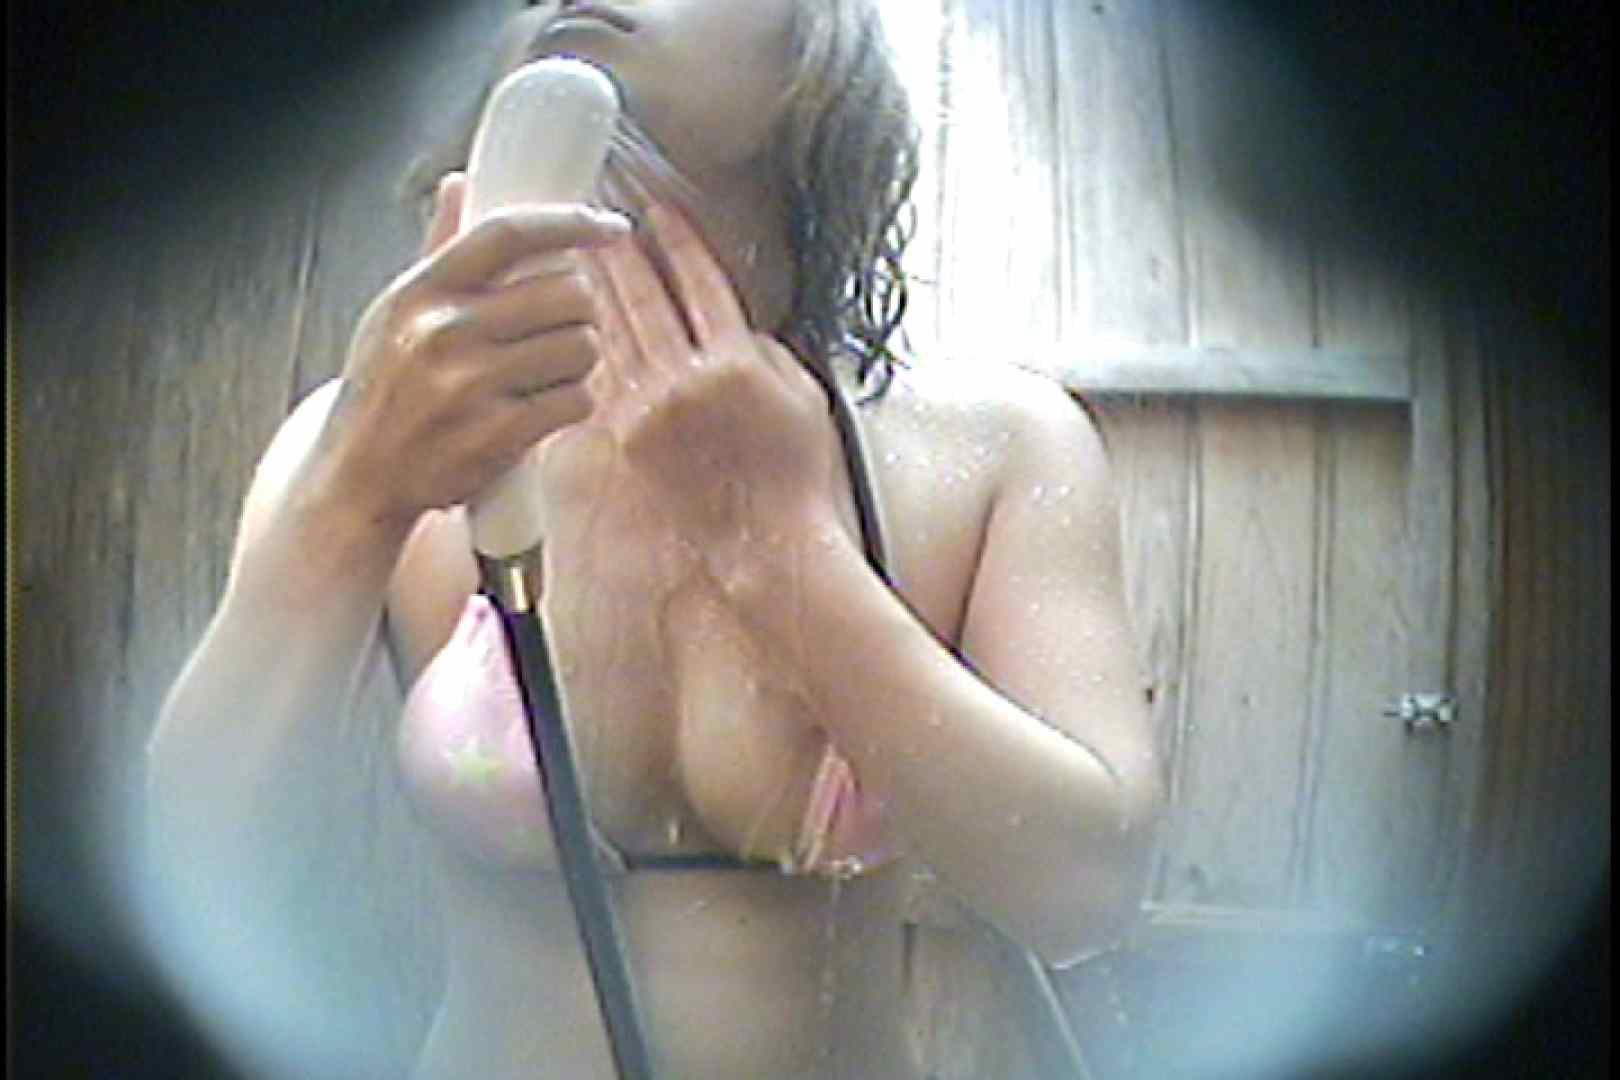 海の家の更衣室 Vol.30 Hな美女 オマンコ無修正動画無料 89pic 70